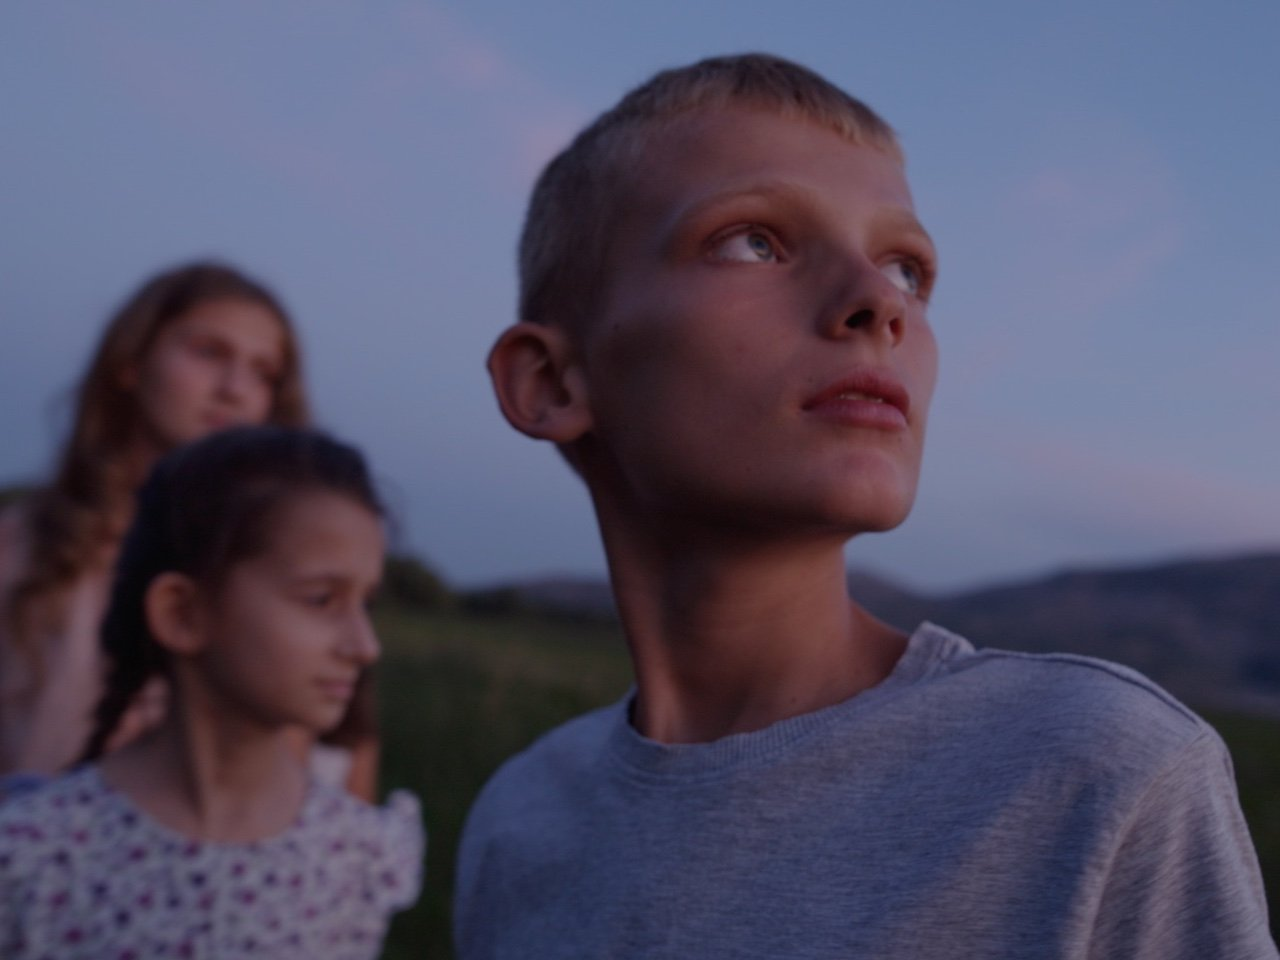 Les enfants de Cain - Cinematographe.it